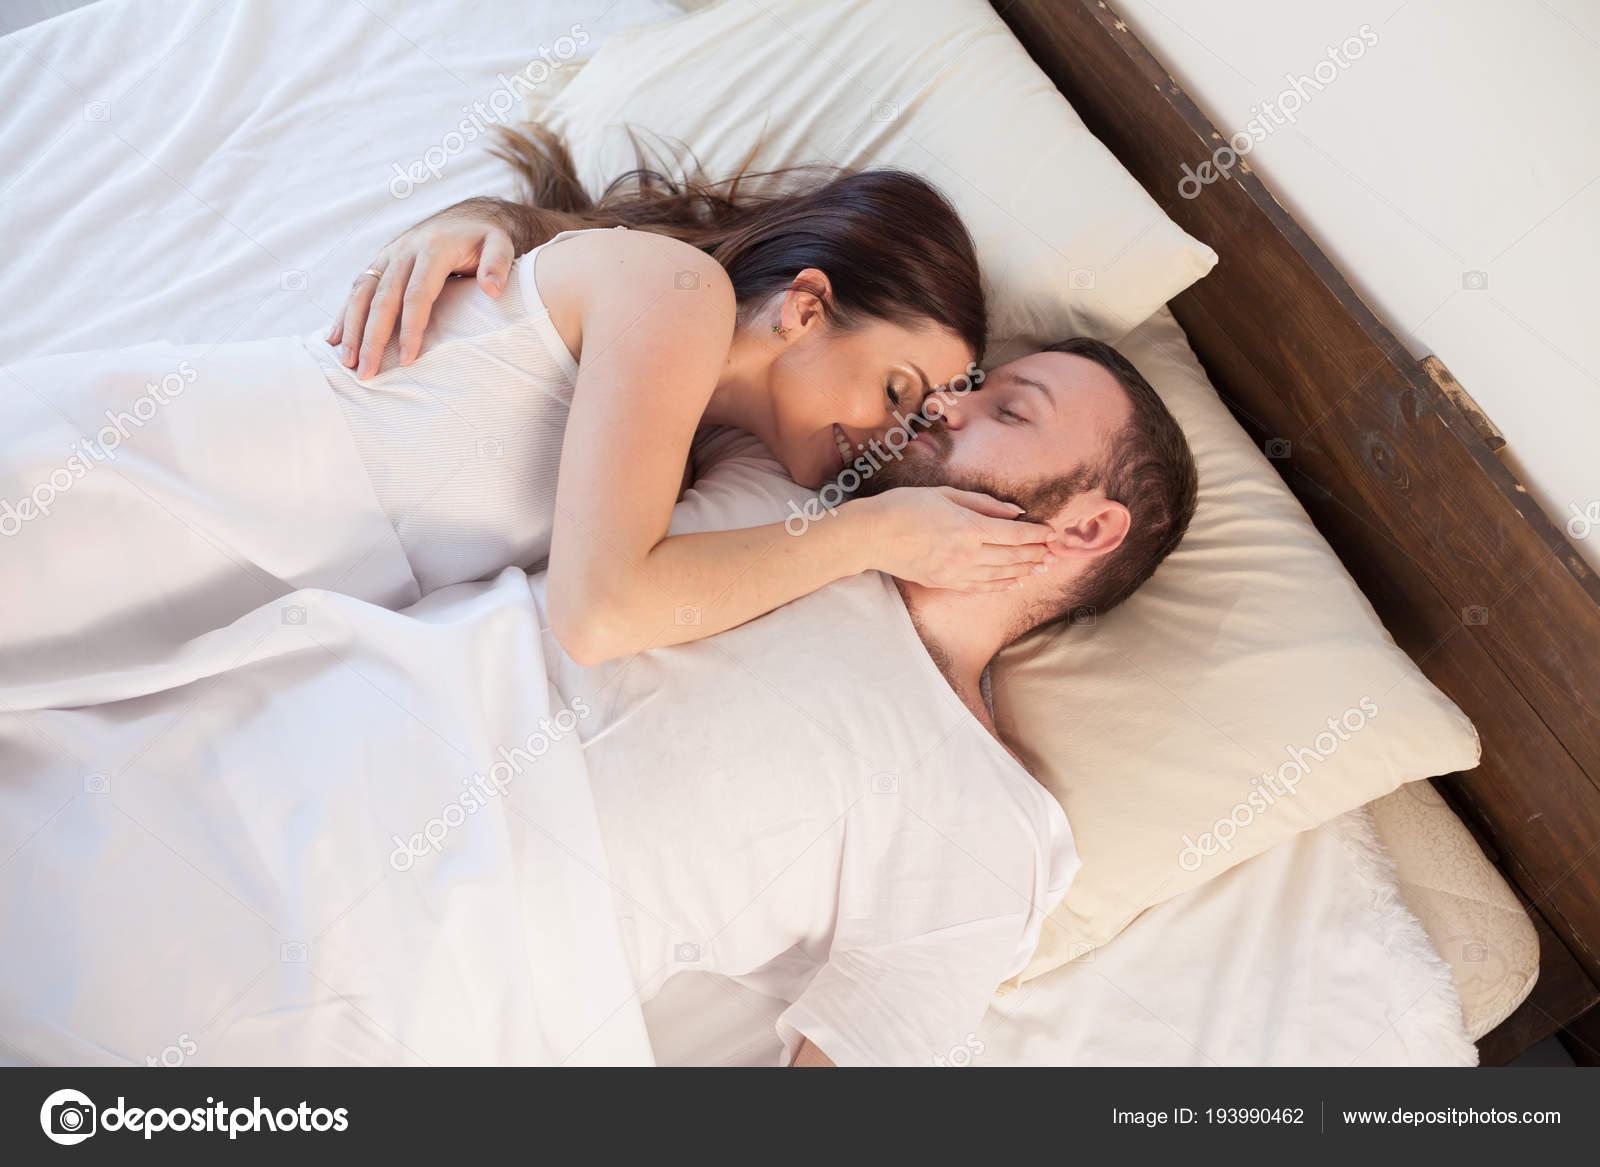 нас всегда опера фотки жены спят а их имеют нужно